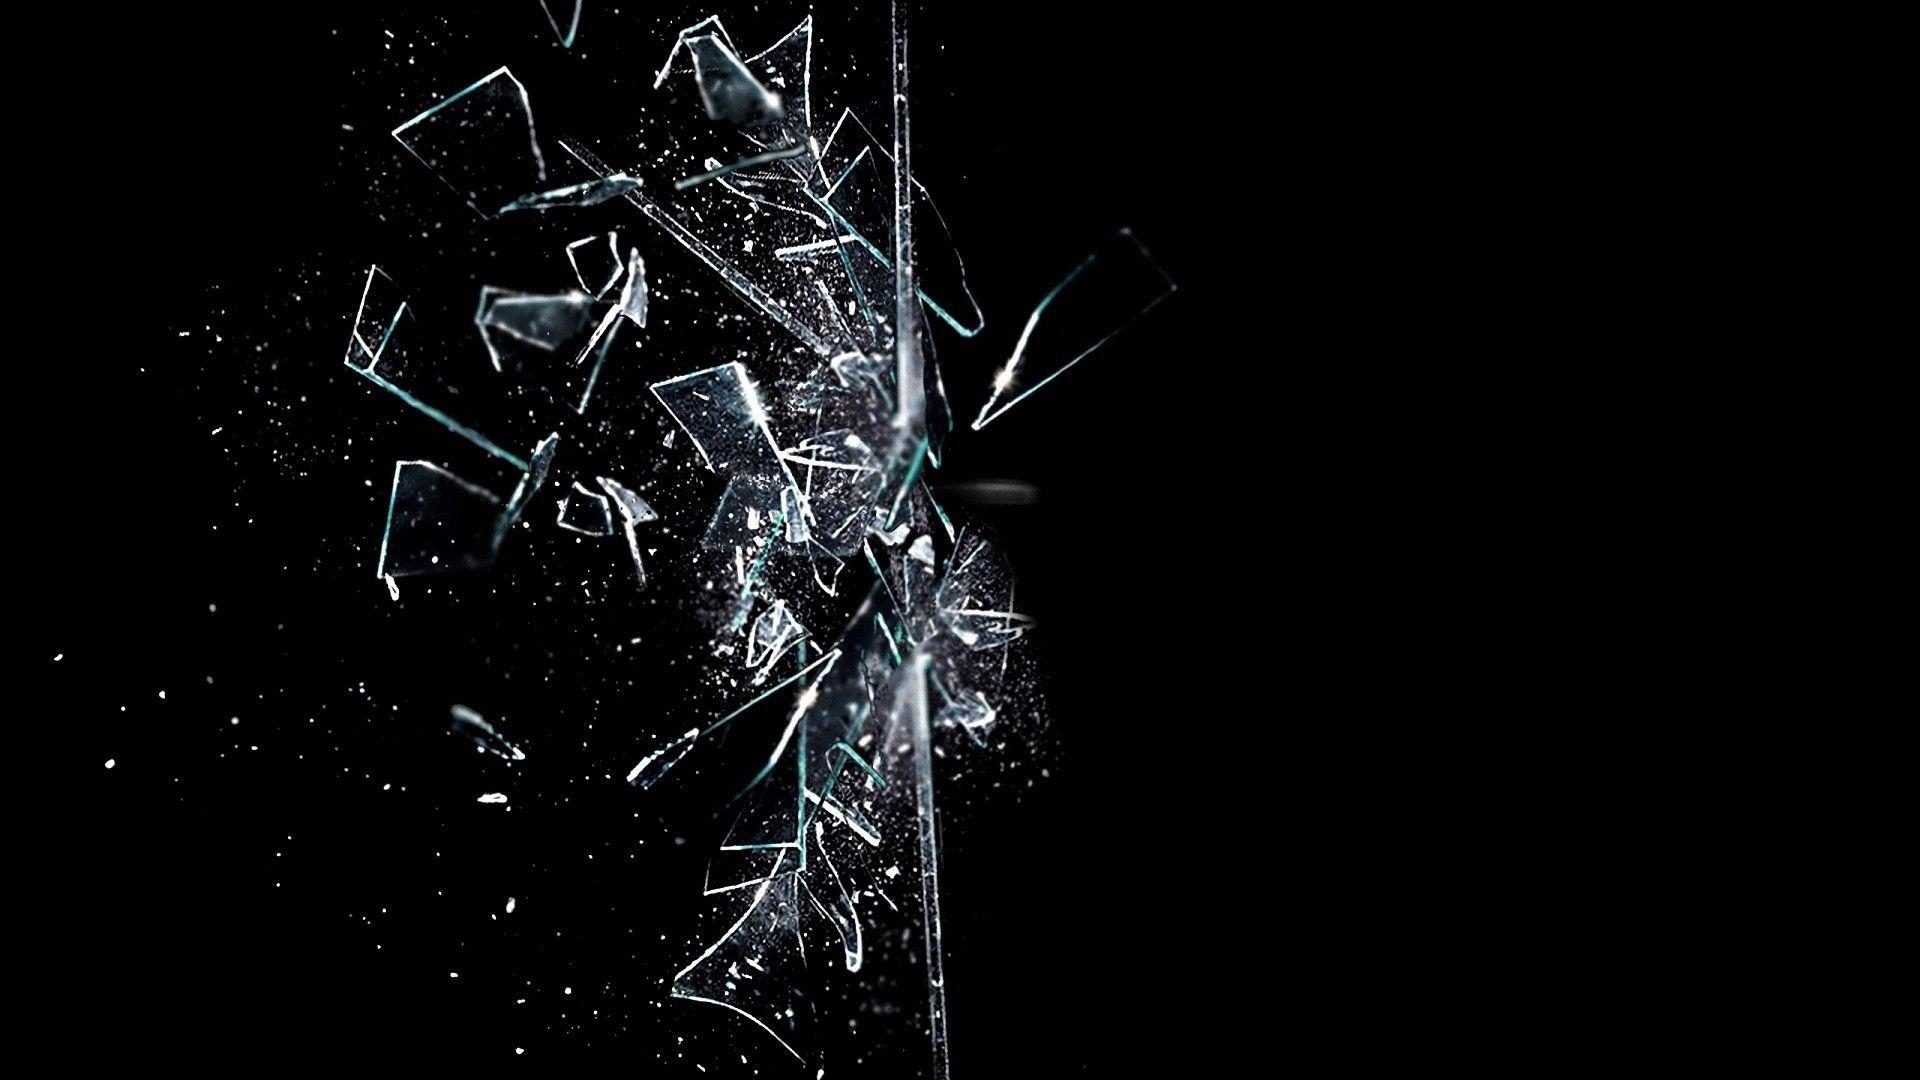 Free Broken Glass Wallpaper 26452 1920x1080 Px Hdwallsource Com Broken Glass Wallpaper Broken Screen Wallpaper Broken Glass Art